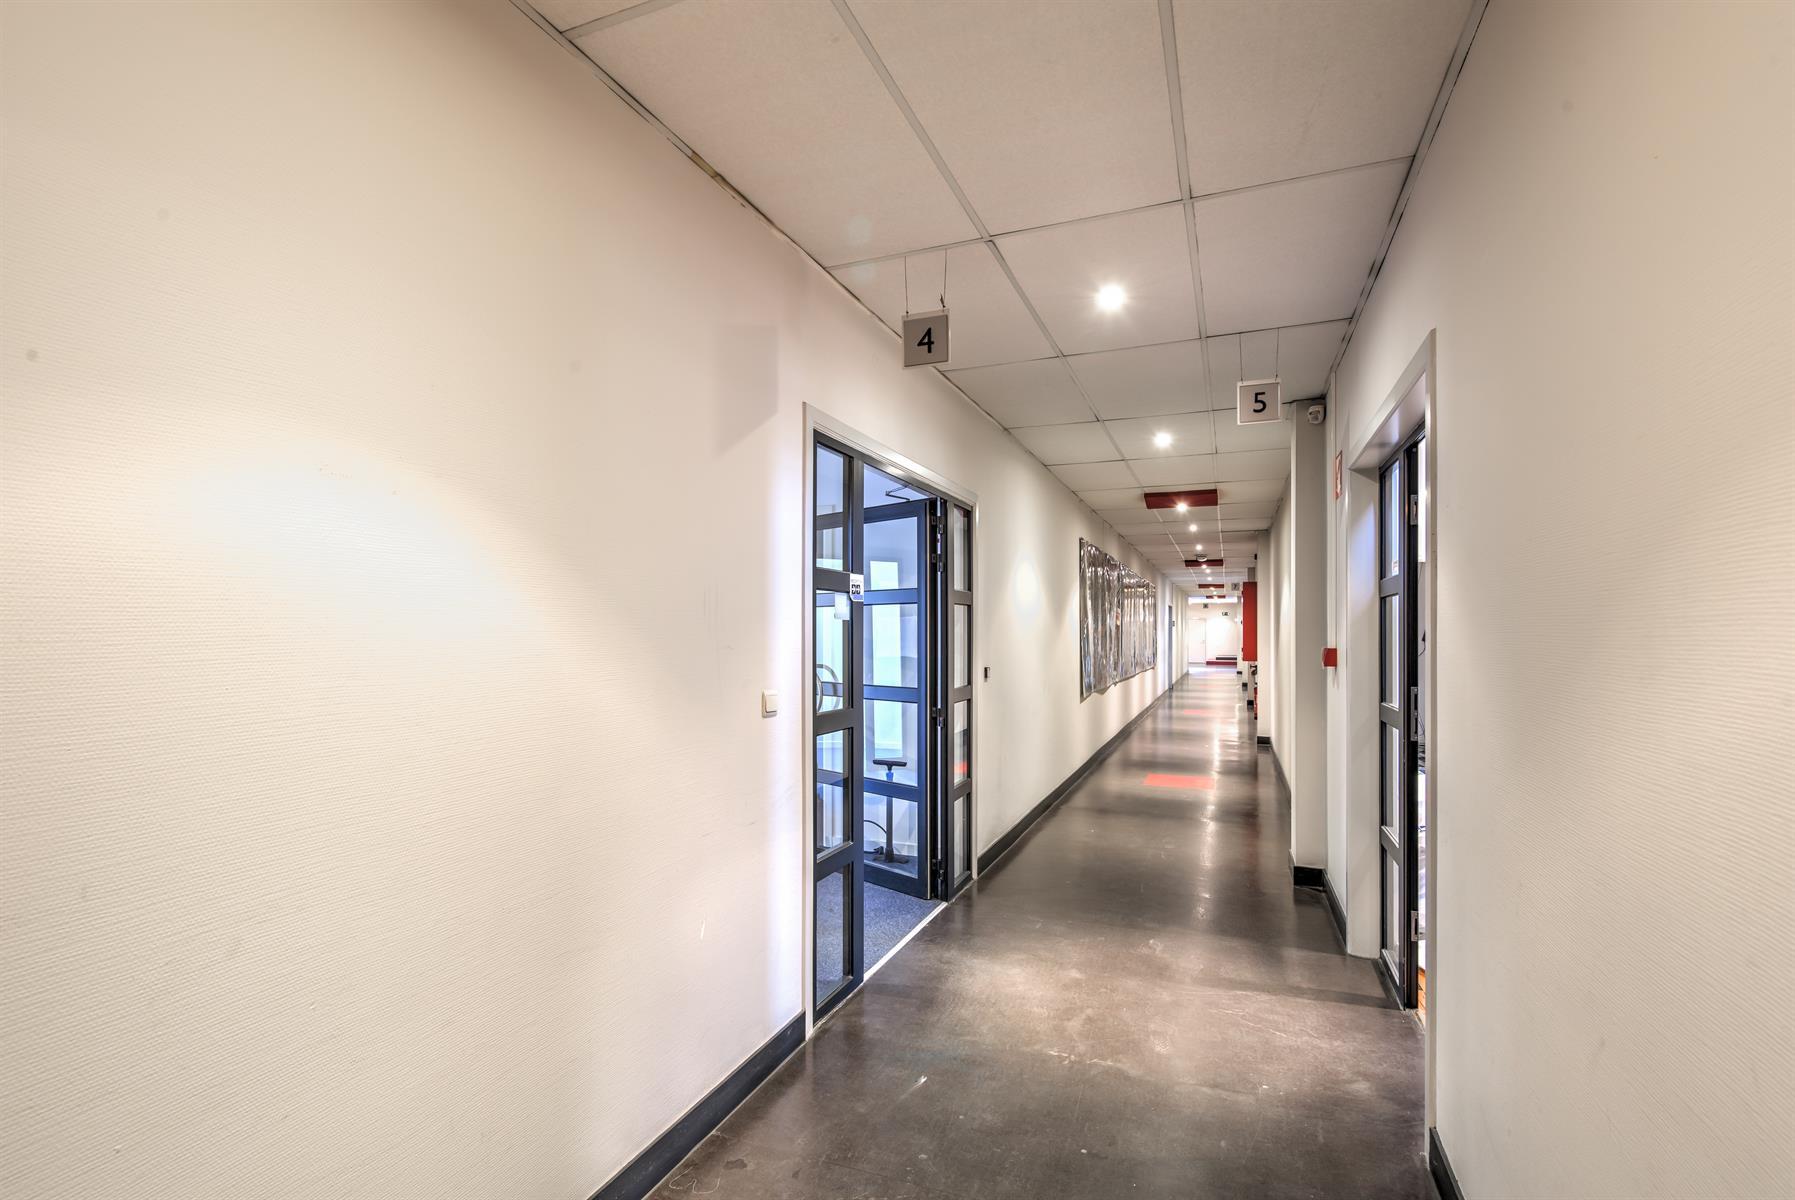 kantoren & magazijn te huur I124 - Bedrijfsgebouw Luchthavenlei 7